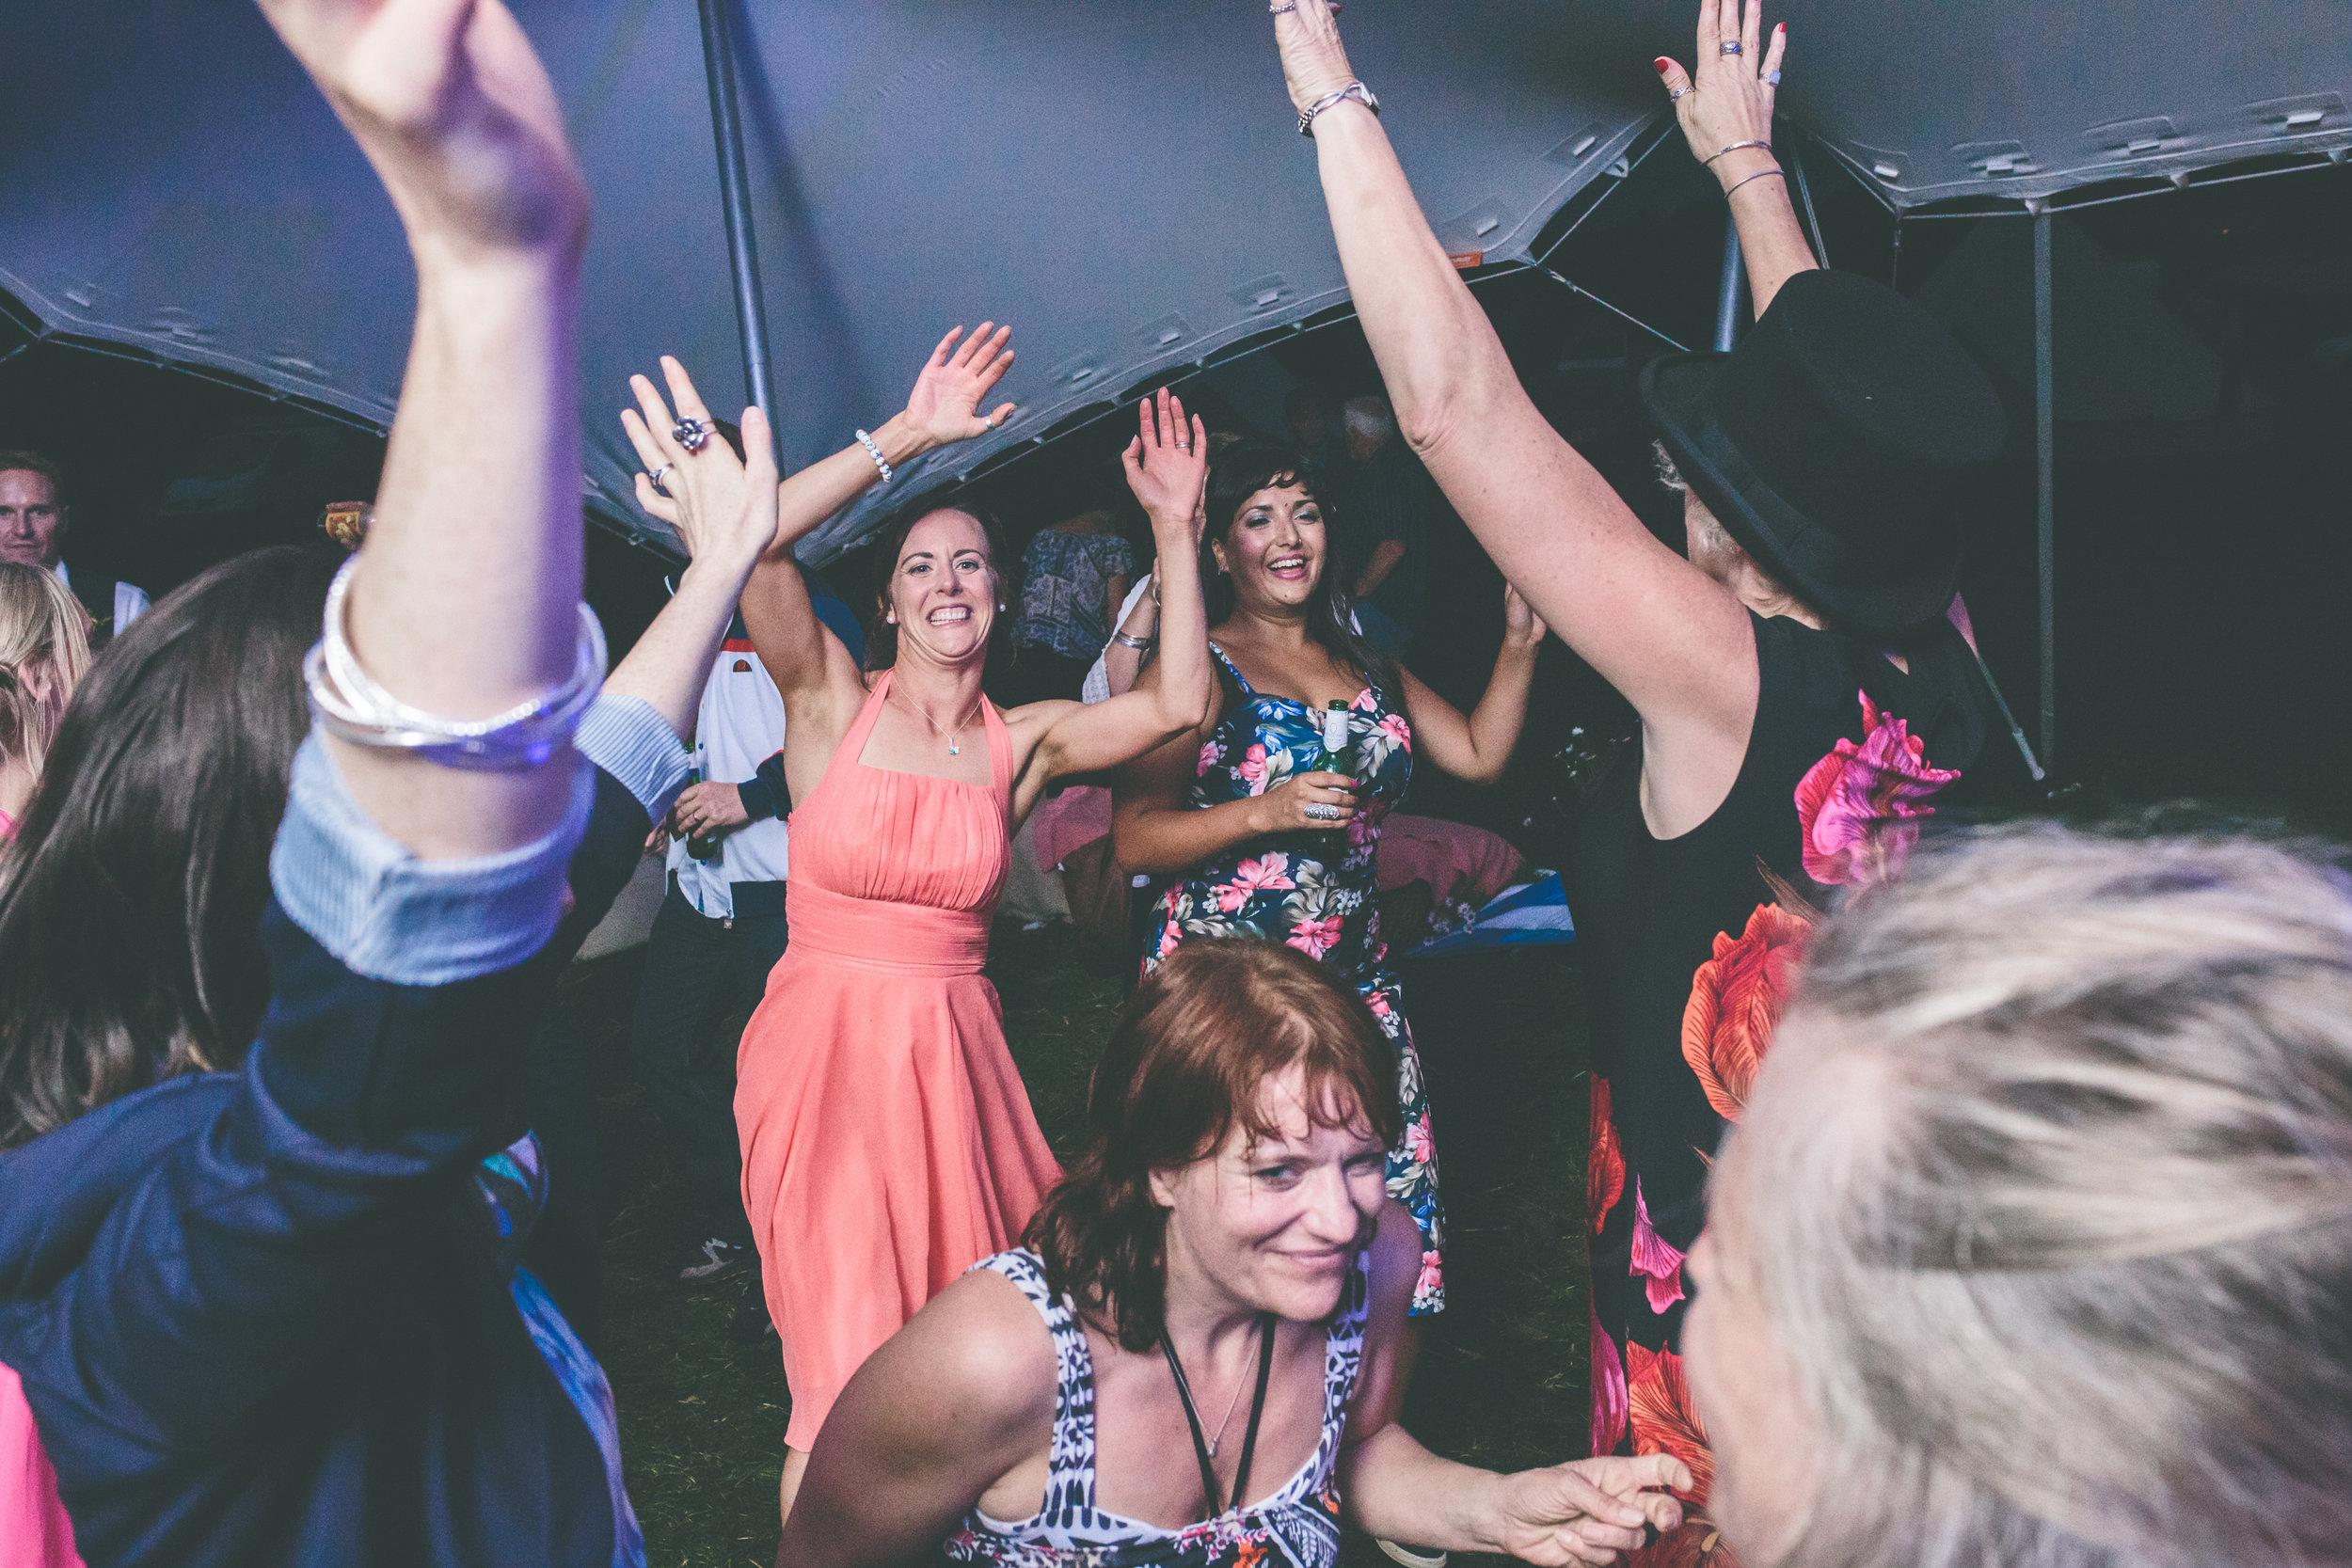 Mahoralls_Cider_Farm_Wedding_Shropshire_Sammy_Jack-504.jpg